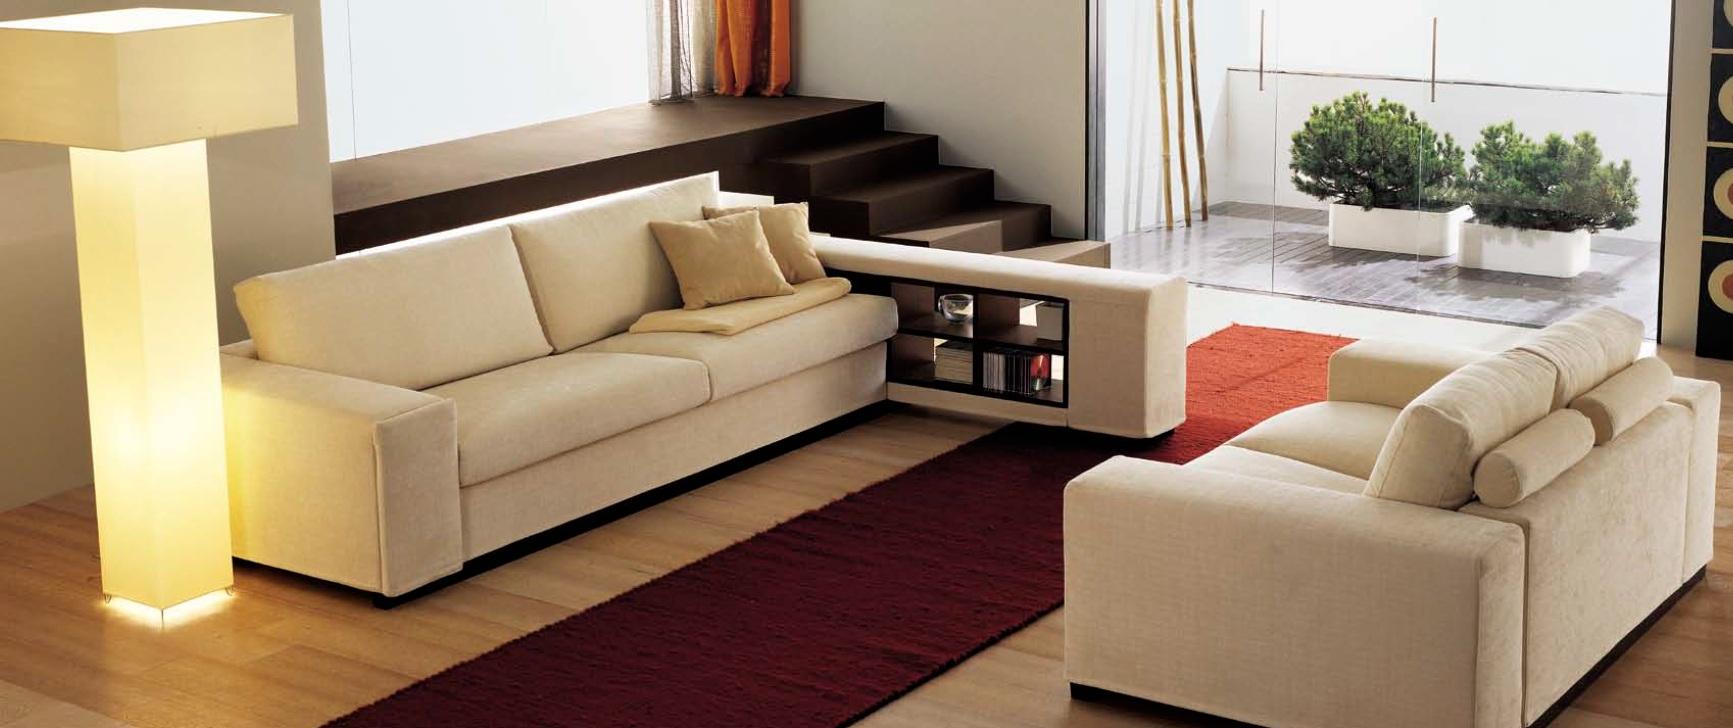 Правильно выбираем мягкую мебель